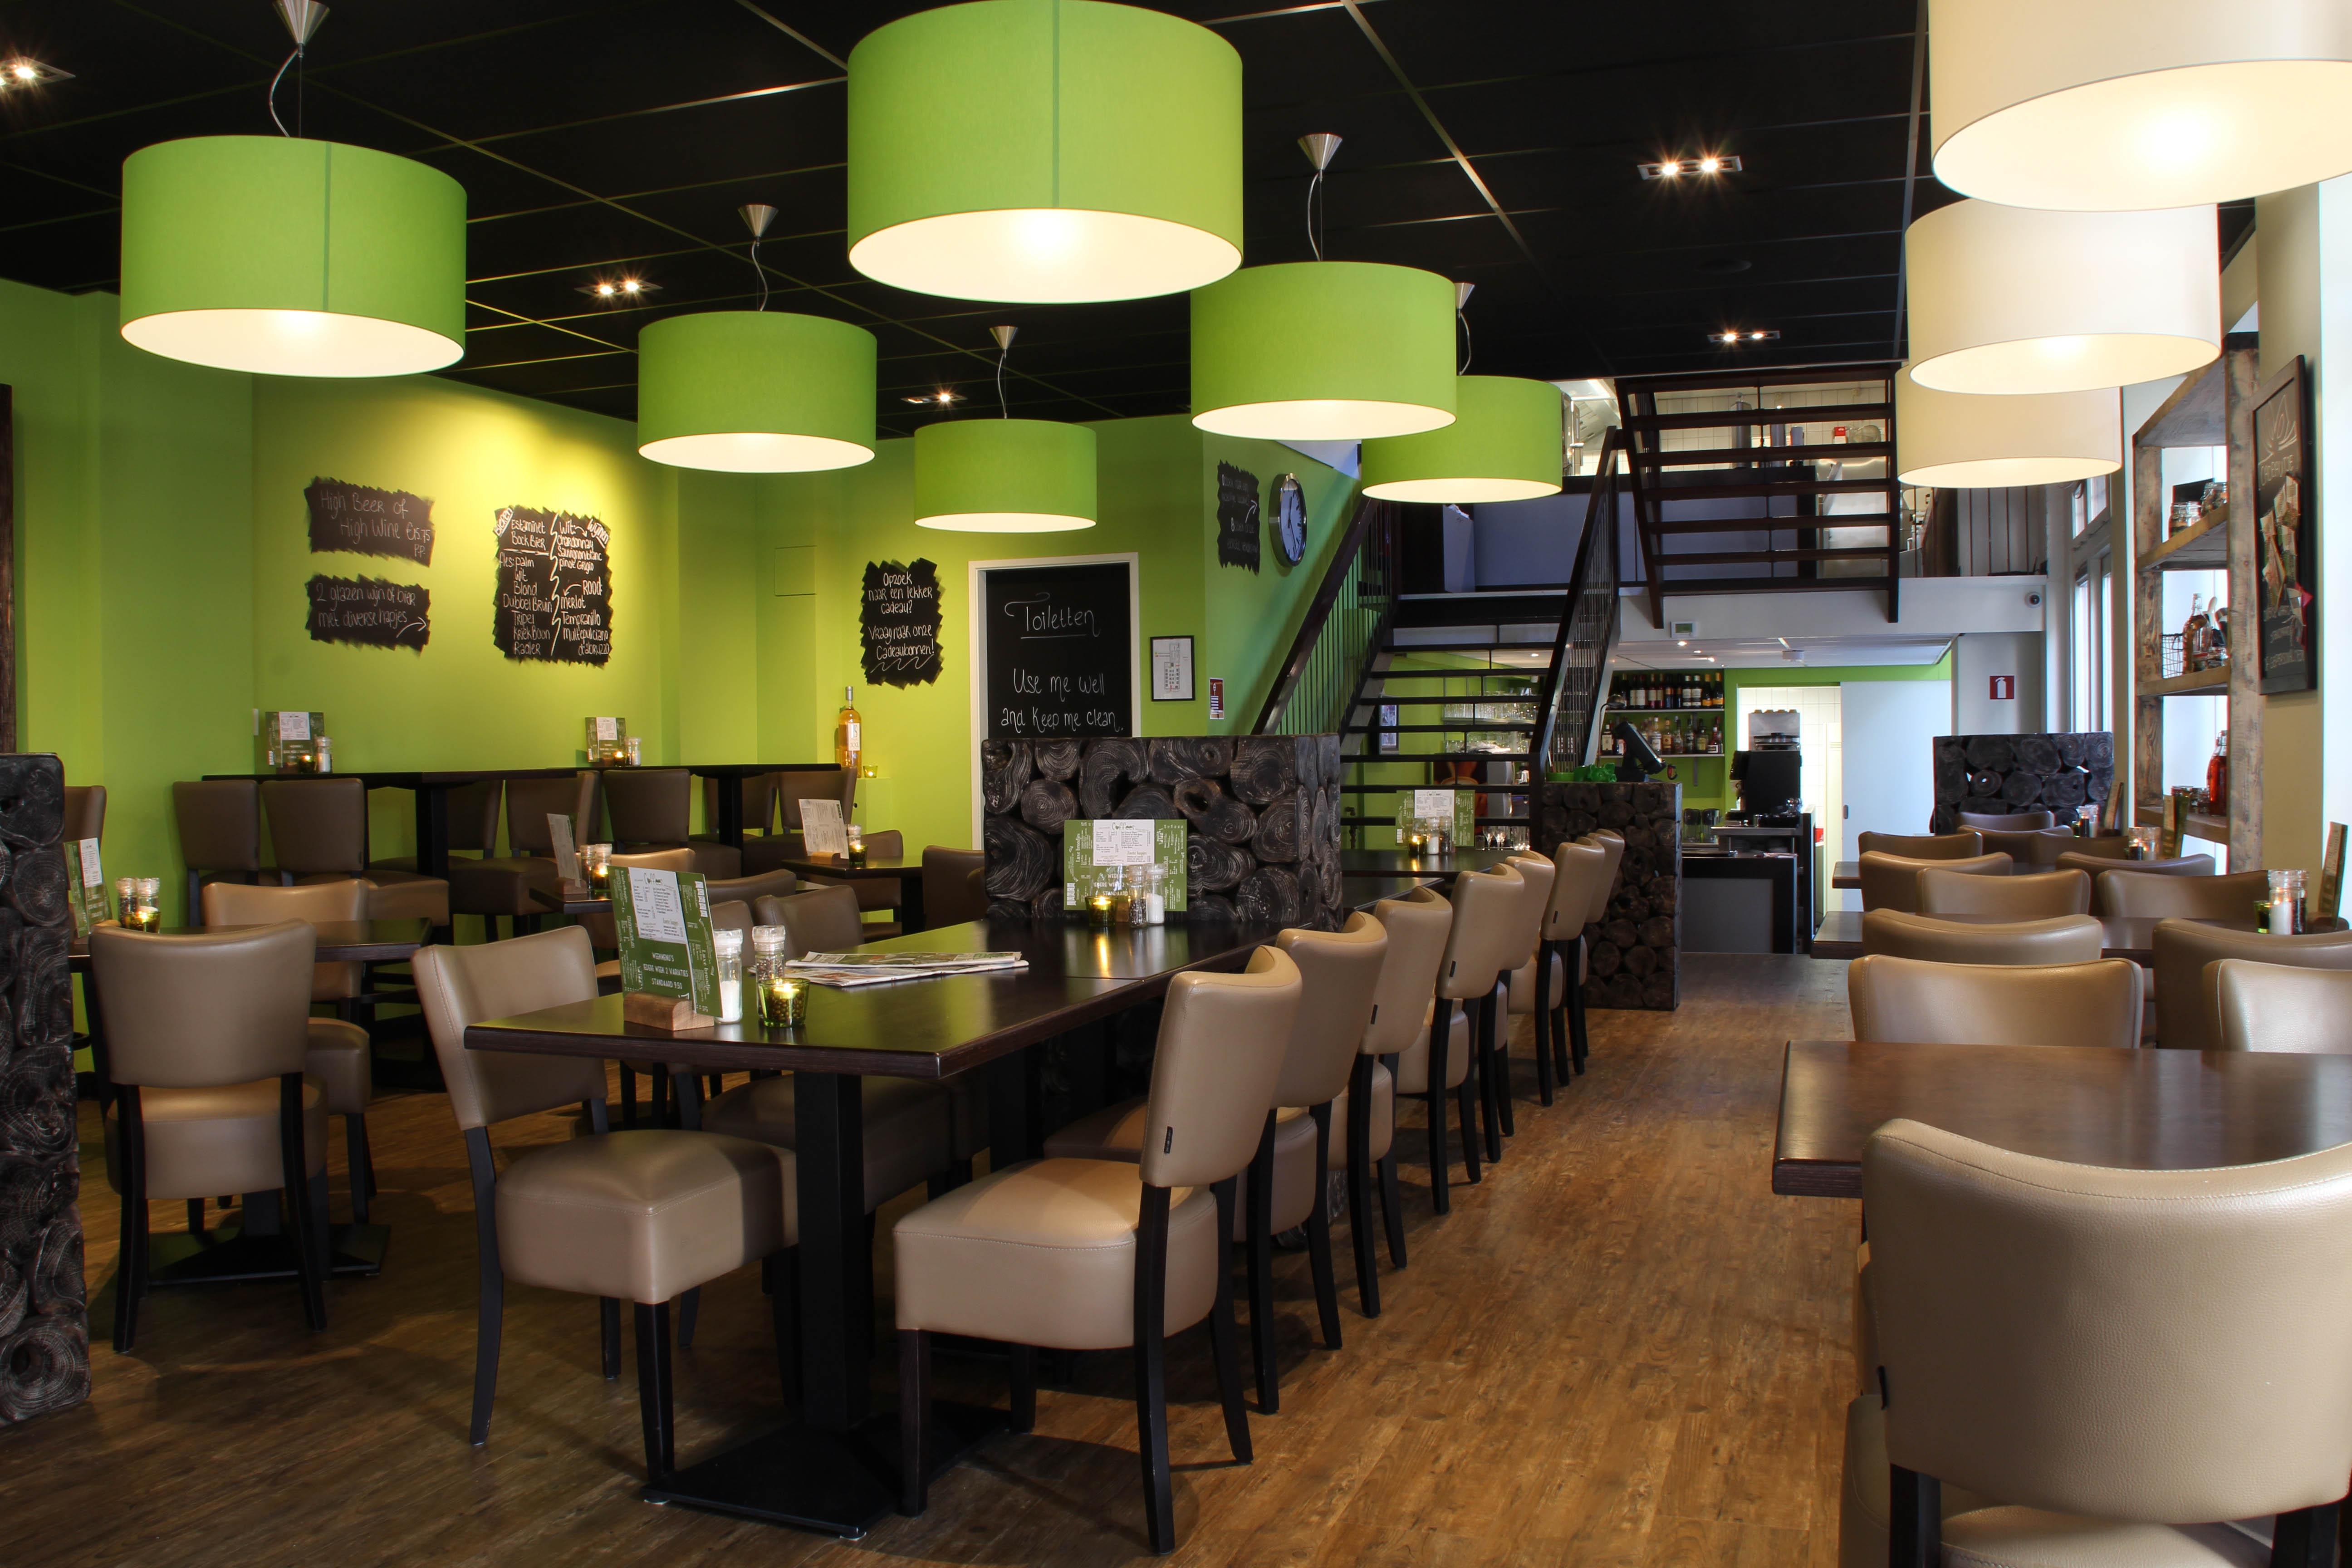 Brasserie Dichtbij - Restaurant in Amersfoort centrum